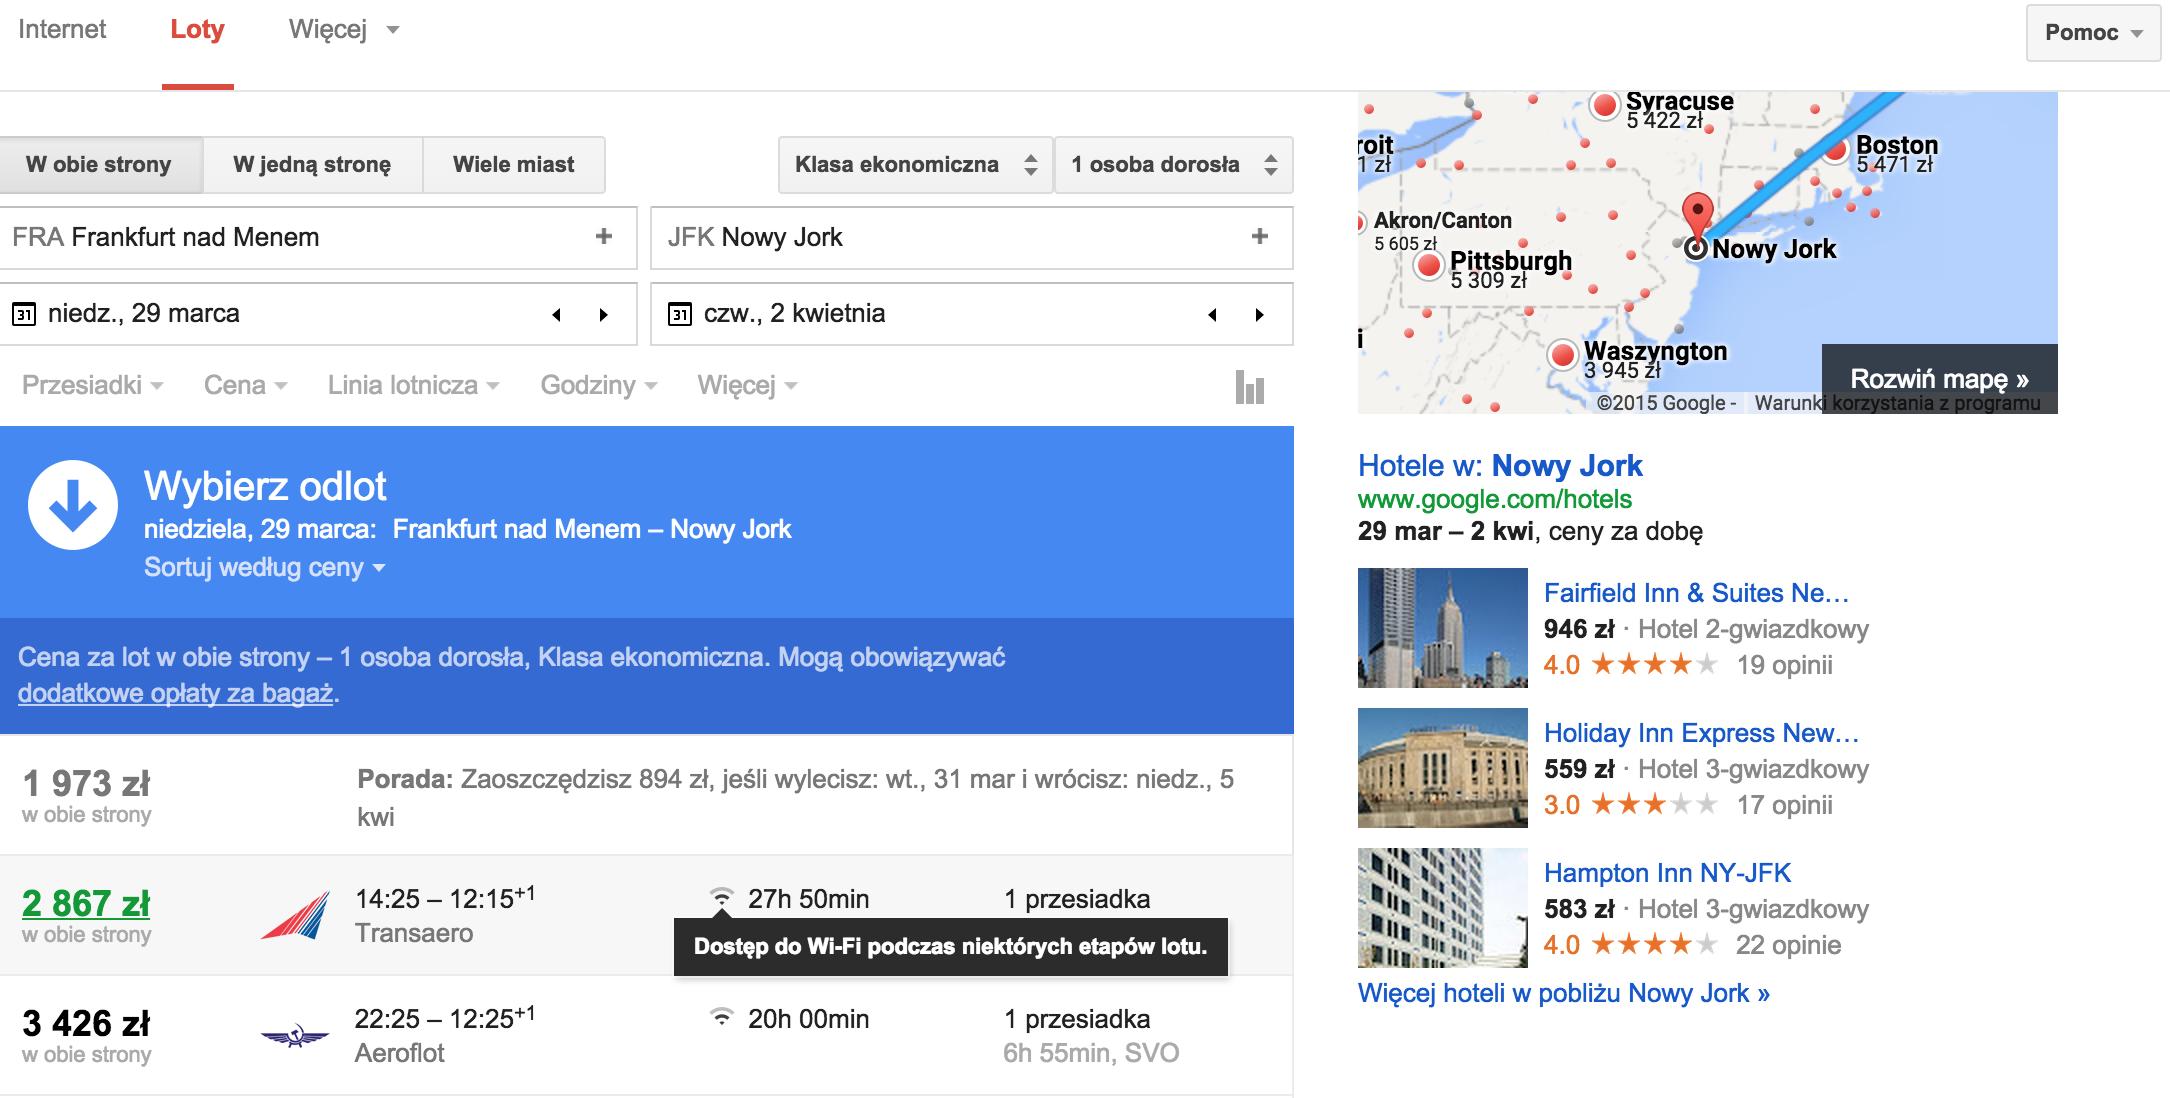 google-wyszukiwarka-lotow